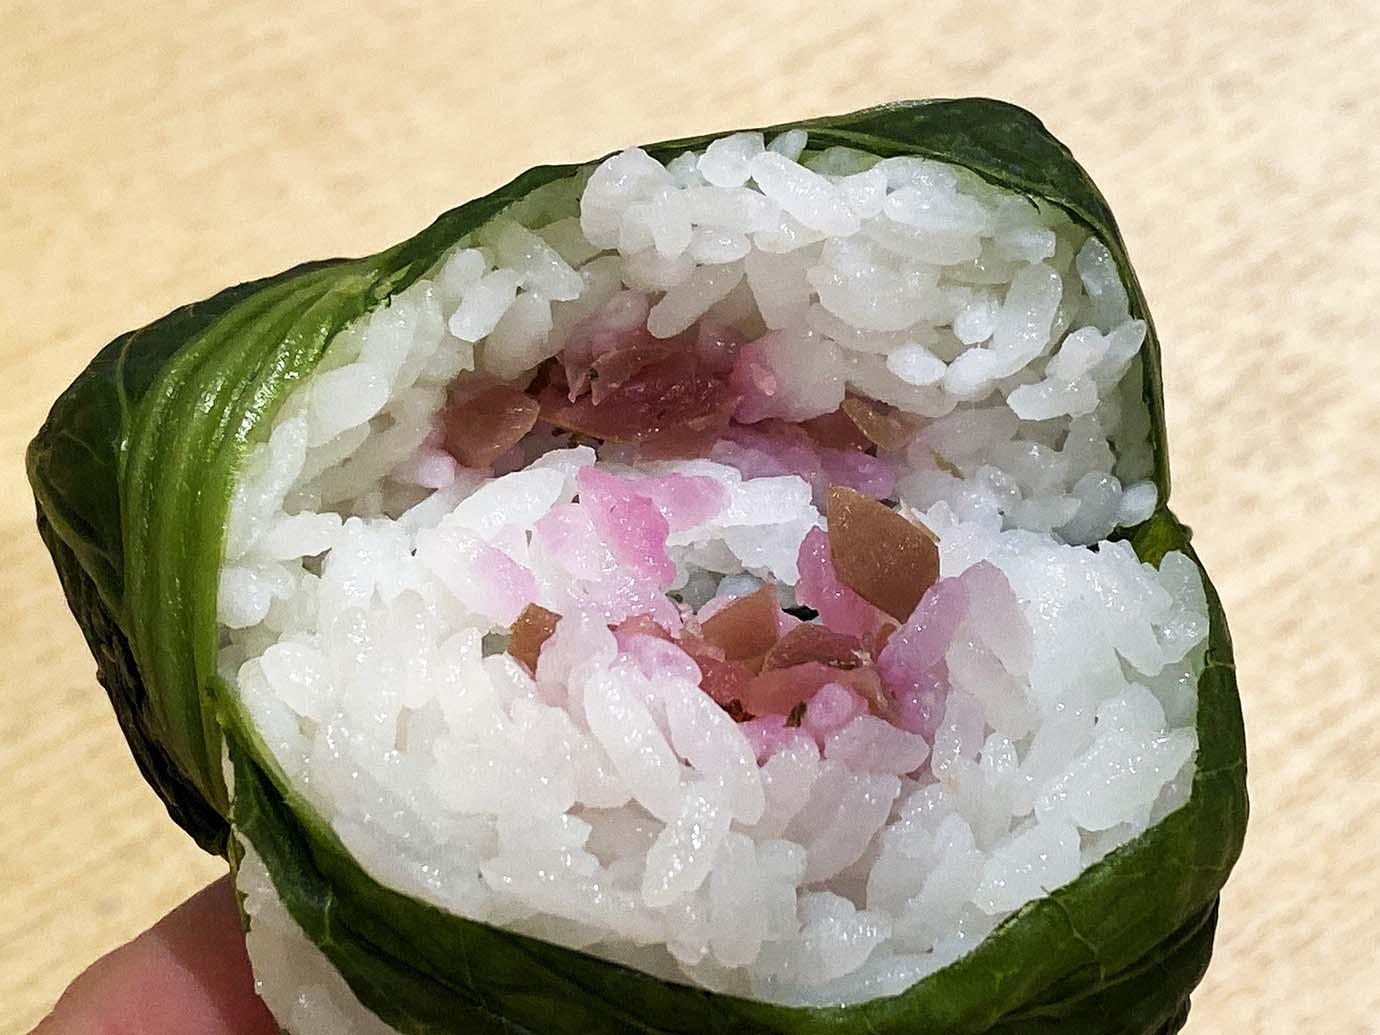 fukushima-koruiyama-onigiri3